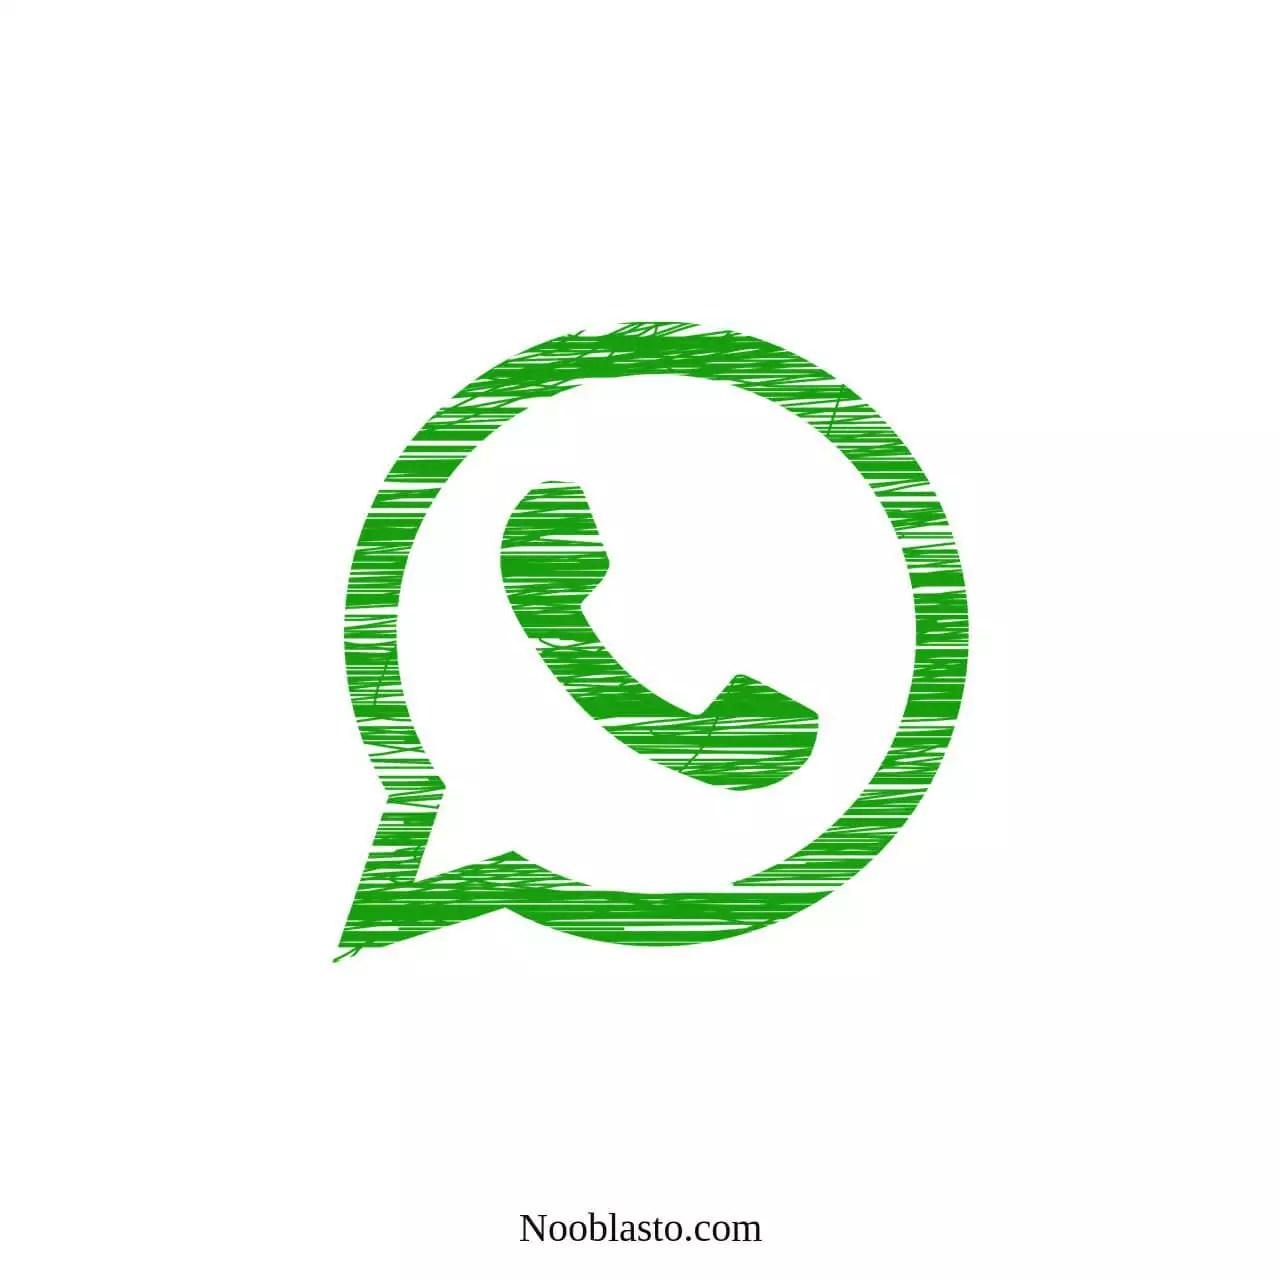 cara menggunakan WhatsApp tanpa nomor telepon